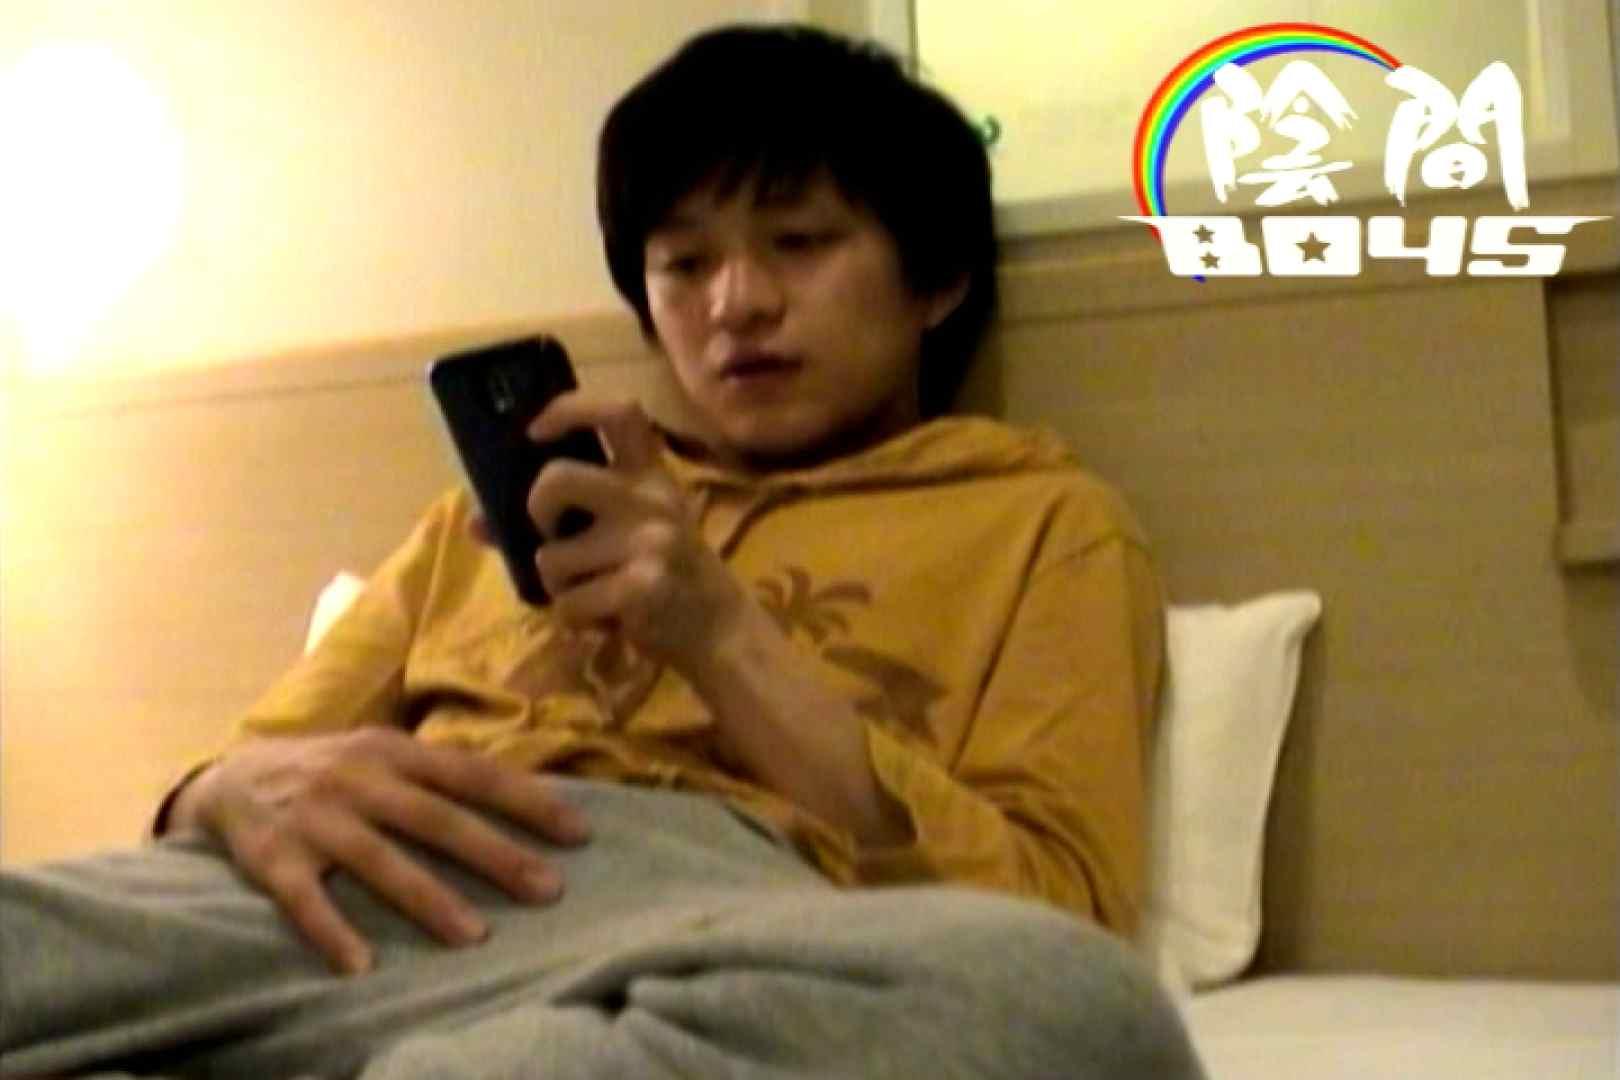 陰間BOYS~My holiday~01 入浴・シャワー丸見え | 無修正 ゲイAV画像 108pic 105